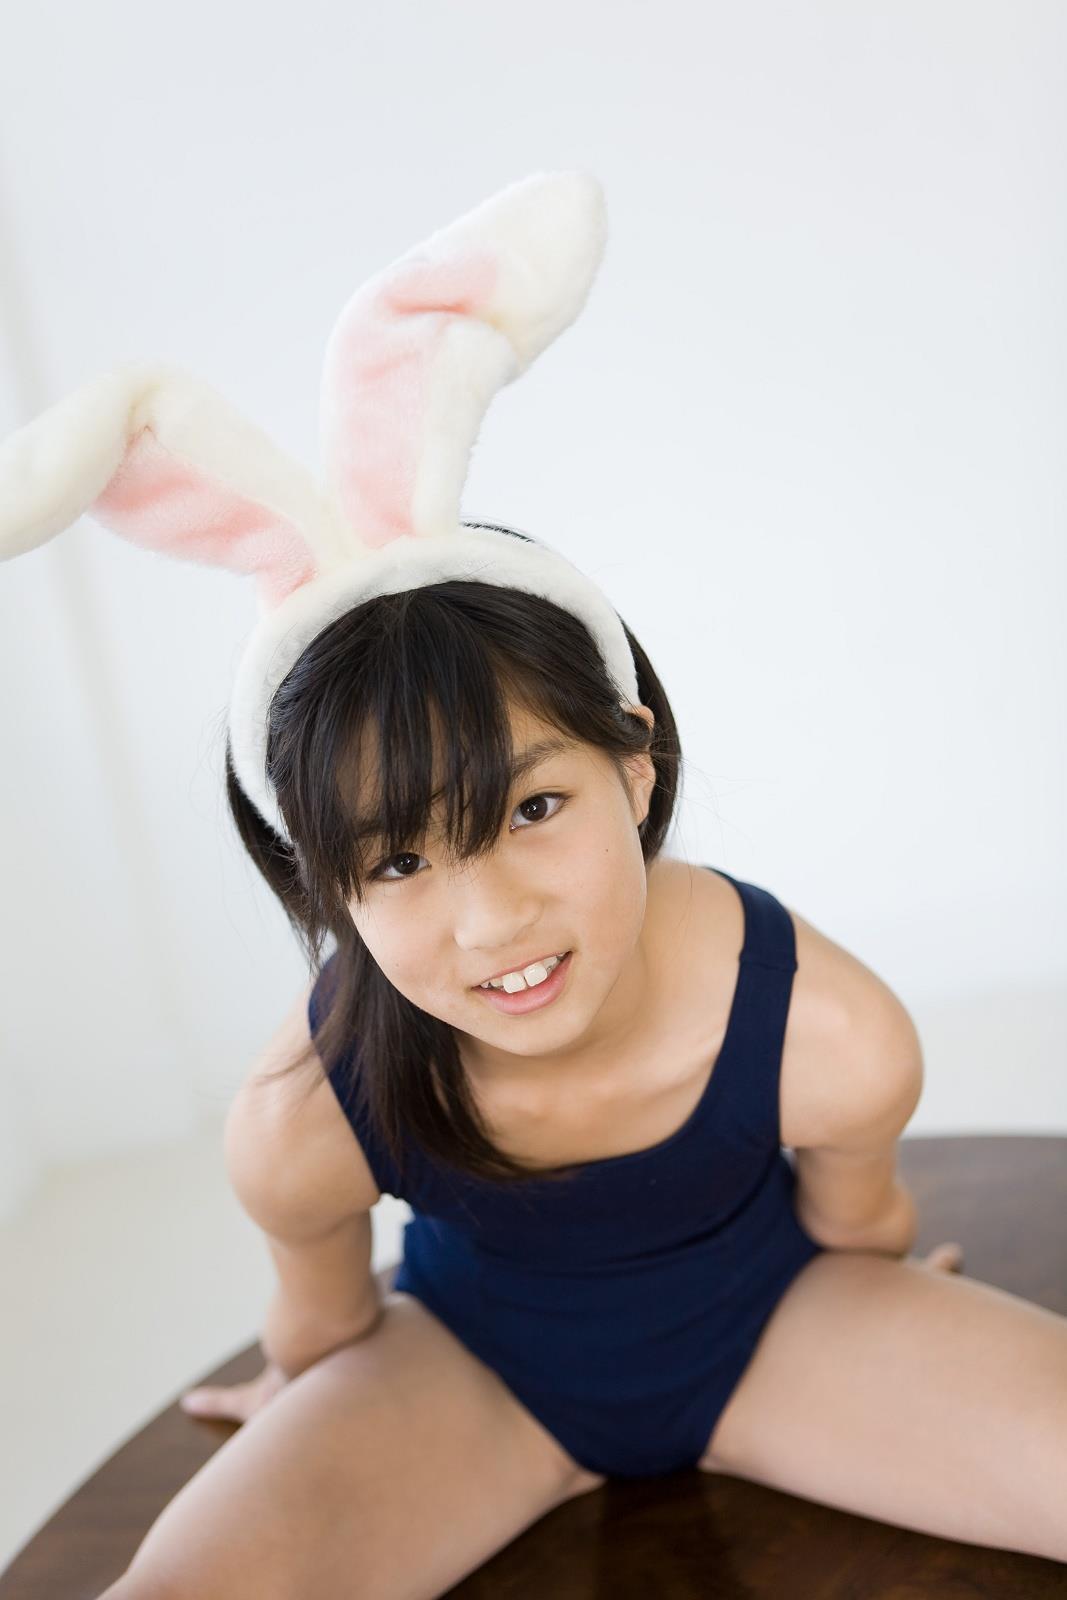 ローティーン 無修正 ジュニア 【jrアイドル画像】ジュニアアイドル画像1560【15枚】